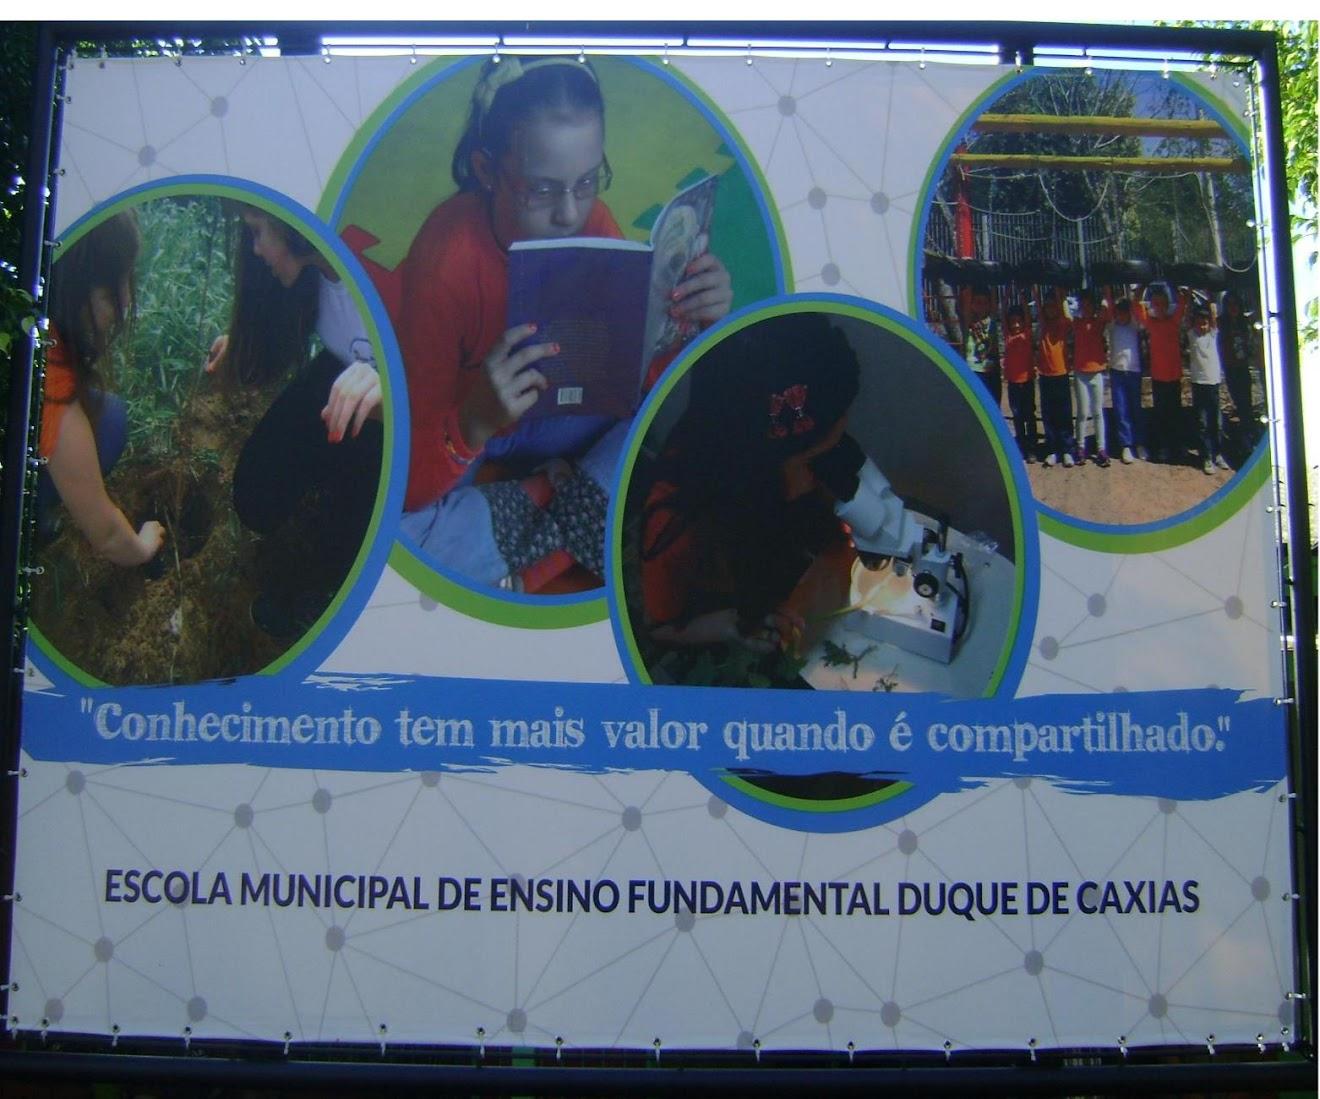 EMEF. Duque de Caxias